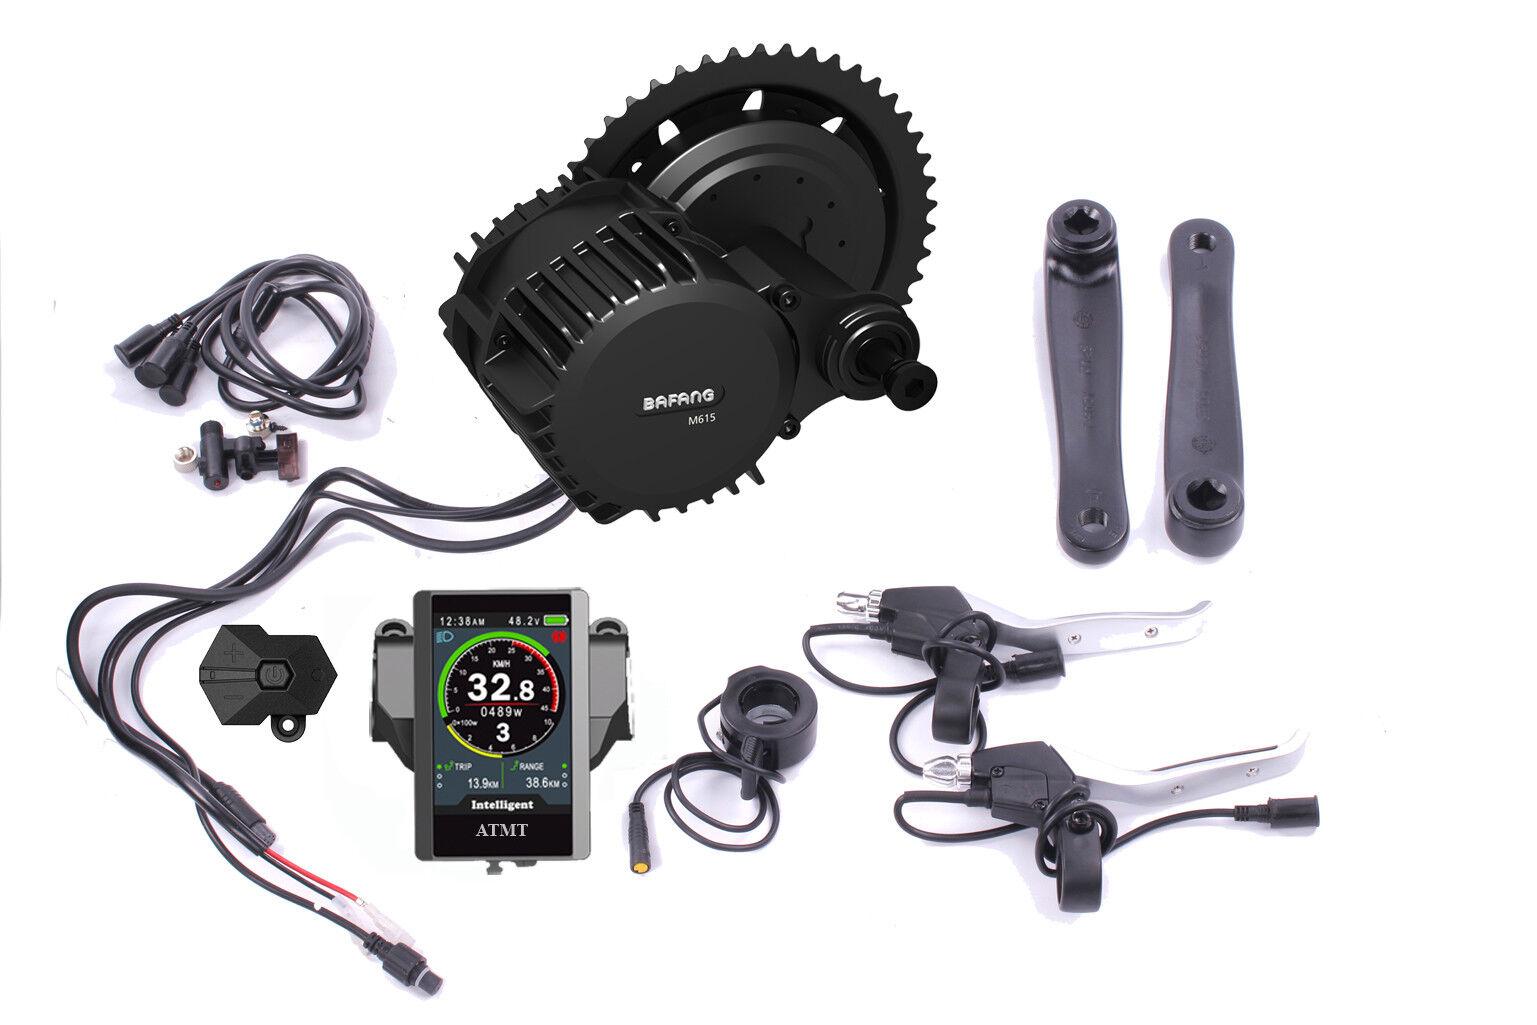 E-Bike Umbau Kit BAFANG G320  BBS03 48V 1000W Mittelmotor Umrüstsatz Farbdisplay  cheap designer brands